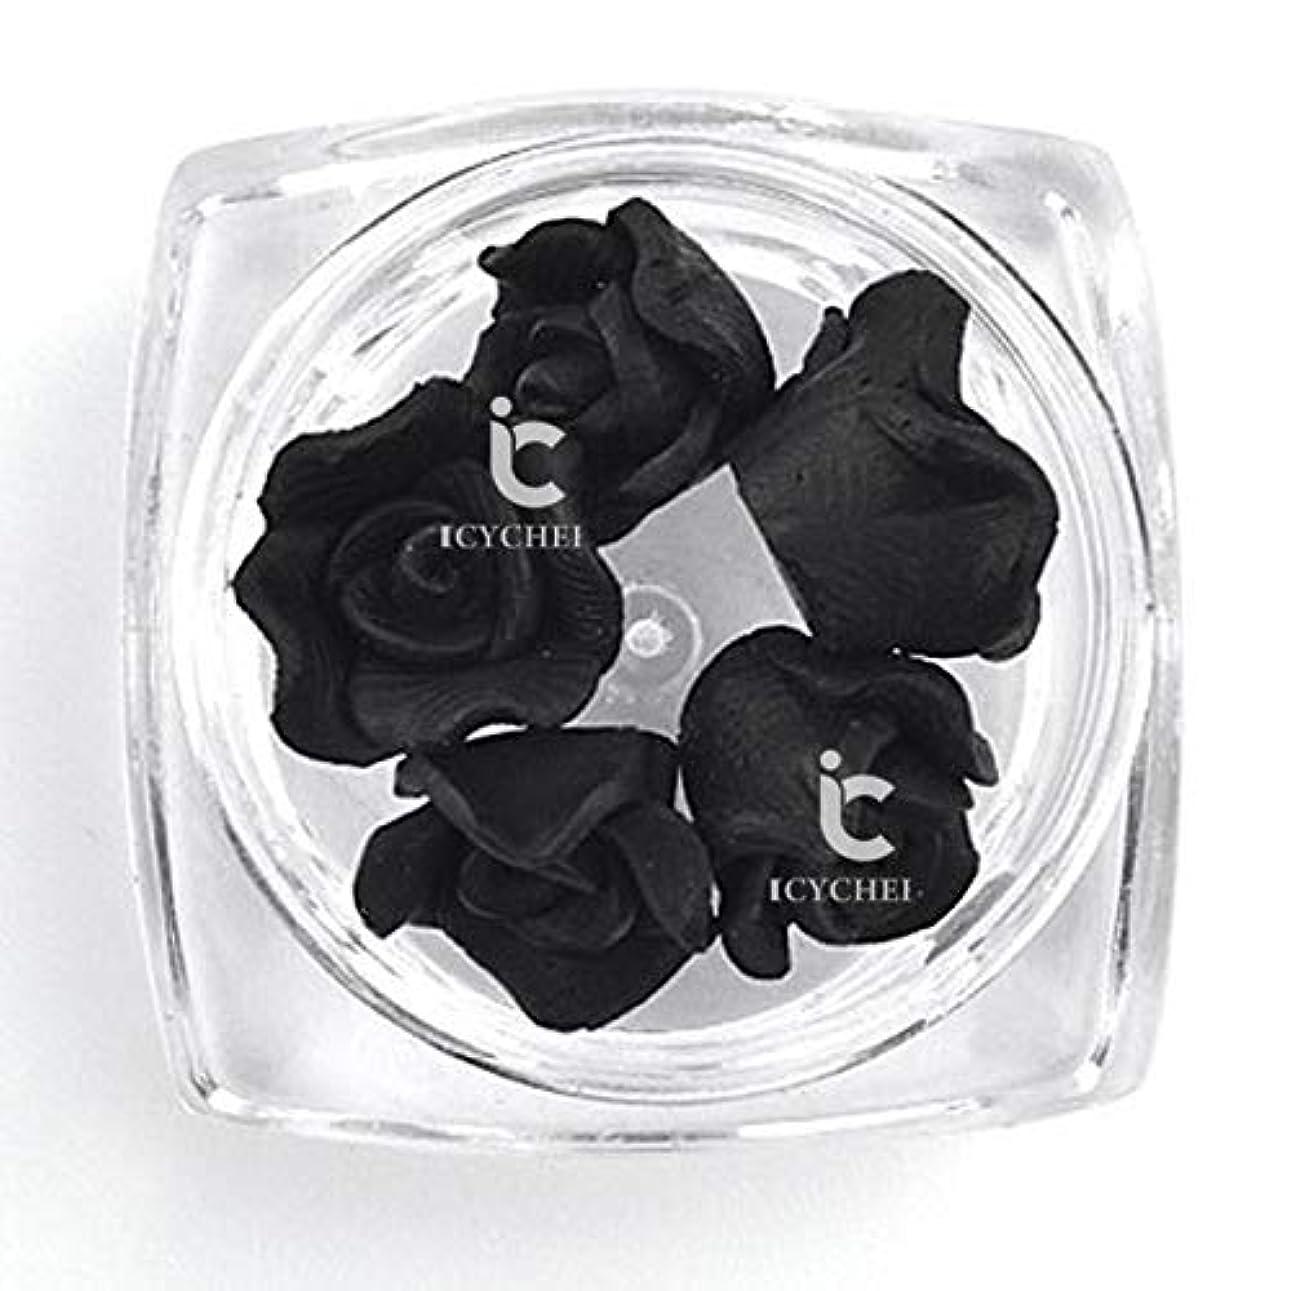 日食さようなら集団的ICYCHEER 3D ネイルアートアクリルローズフラワー Diy の装飾スライス Uv ジェルネイルアートのヒント Diy のネイルアート accessoires (Black)